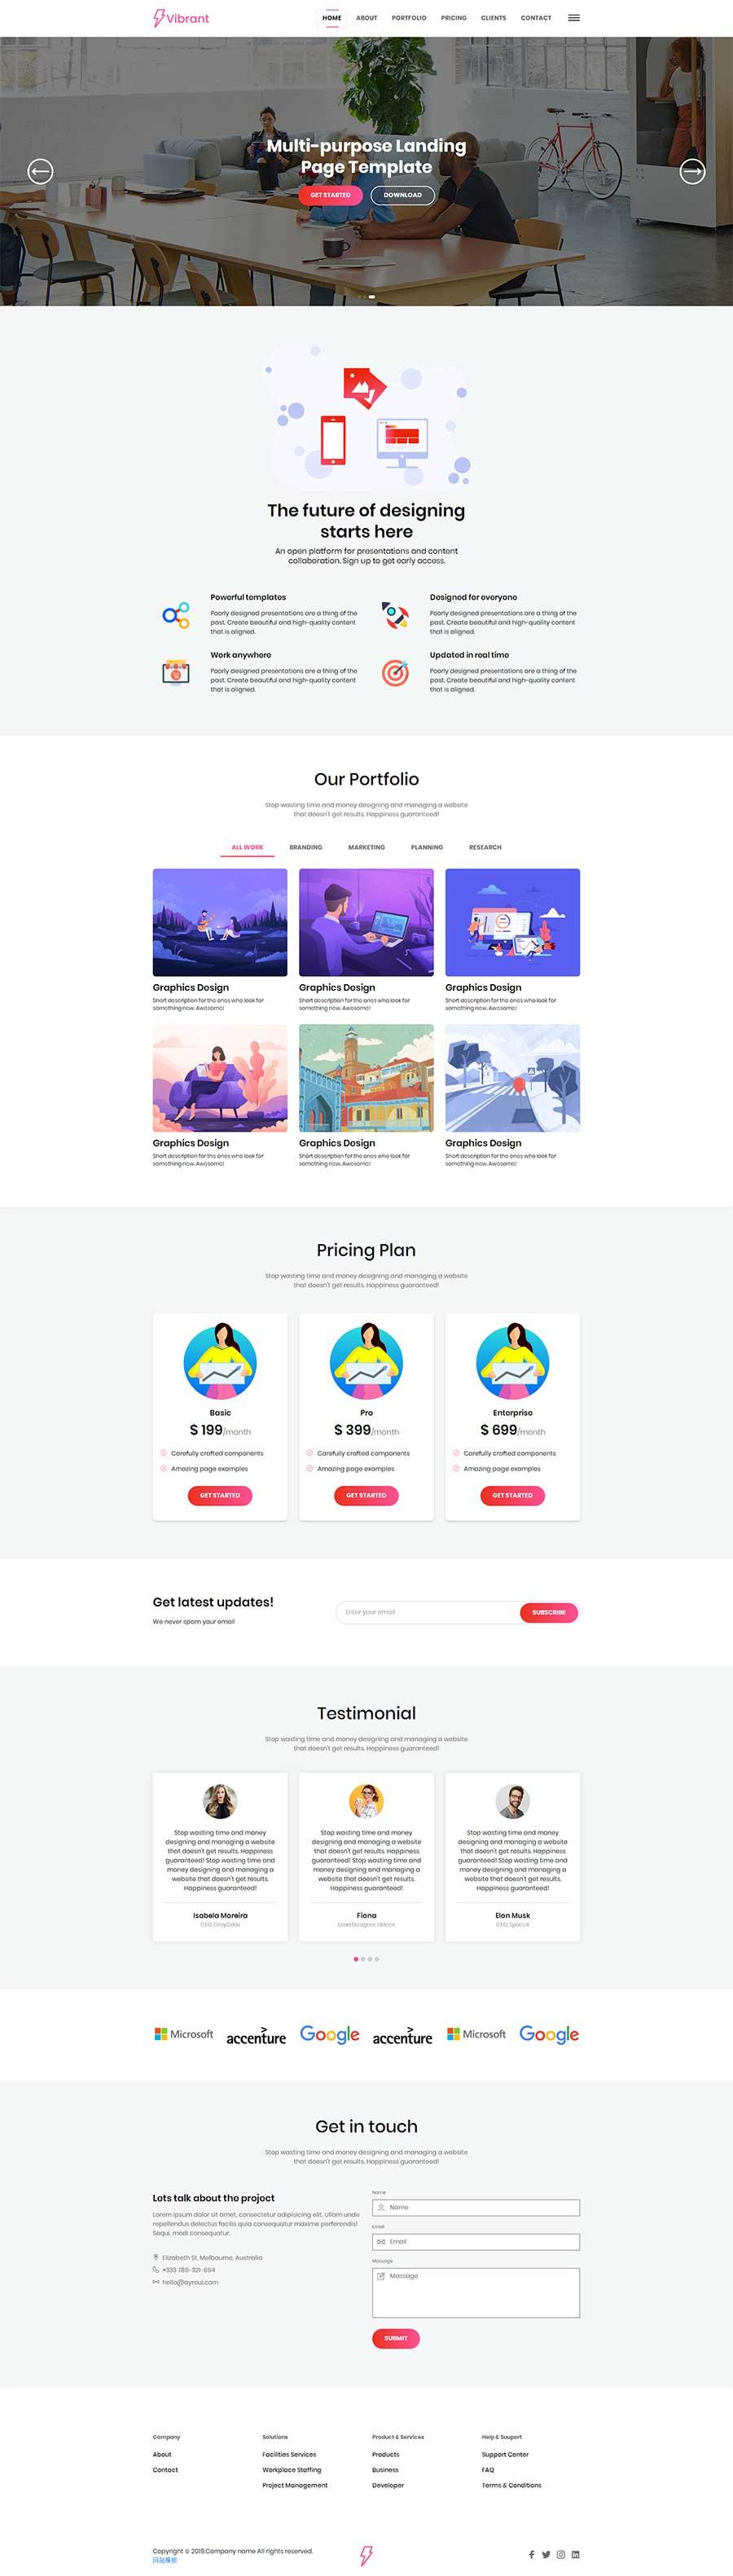 Bootstrap4响应式商业解决方案公司网站模板